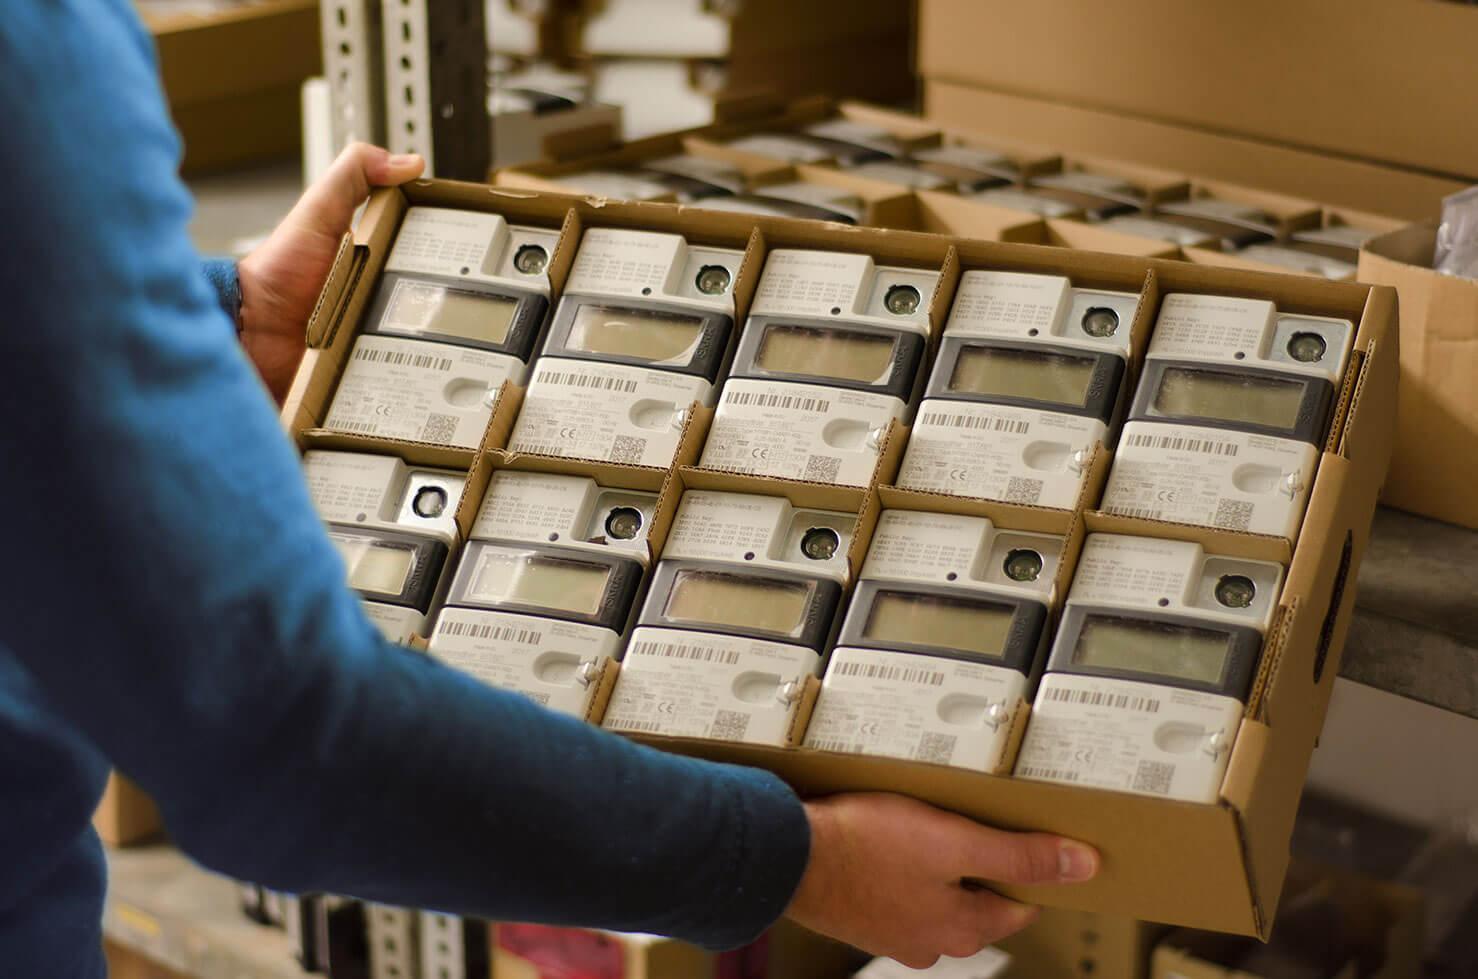 Mitarbeiter der Stadtwerke hebt einen Karton mit digitalen Stromzählern in der Hand.